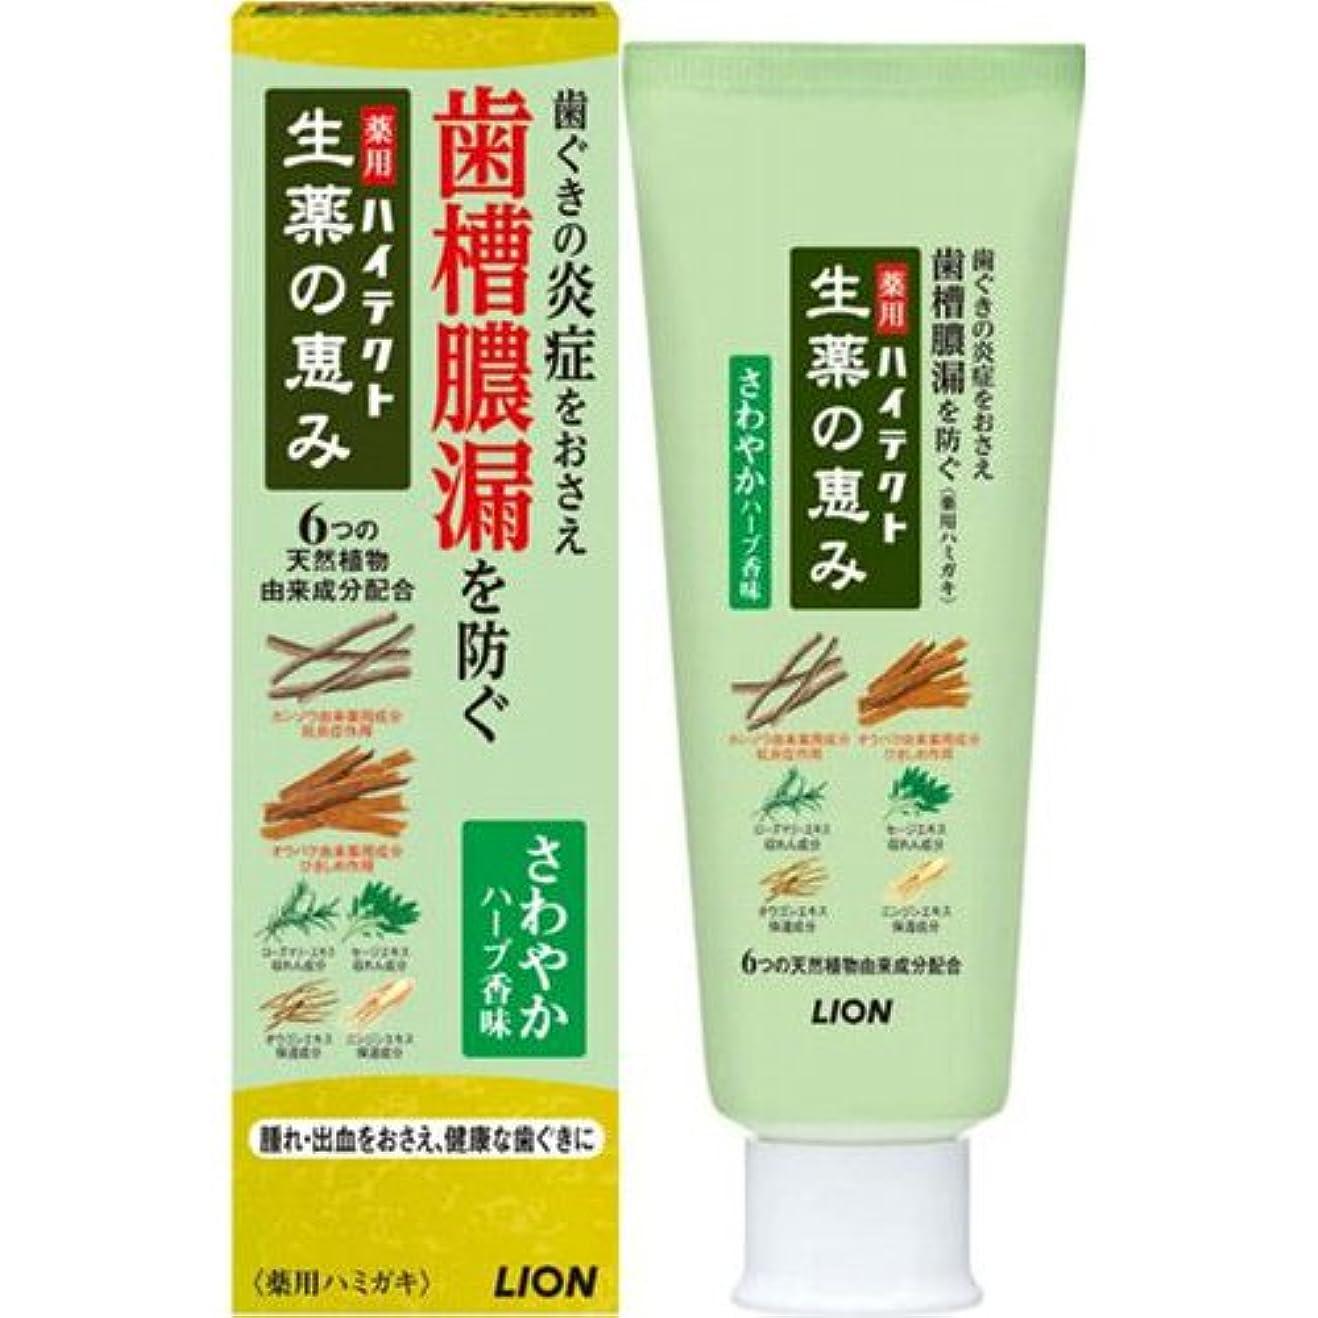 【ライオン】ハイテクト 生薬の恵み さわやかハーブ香味 90g ×3個セット